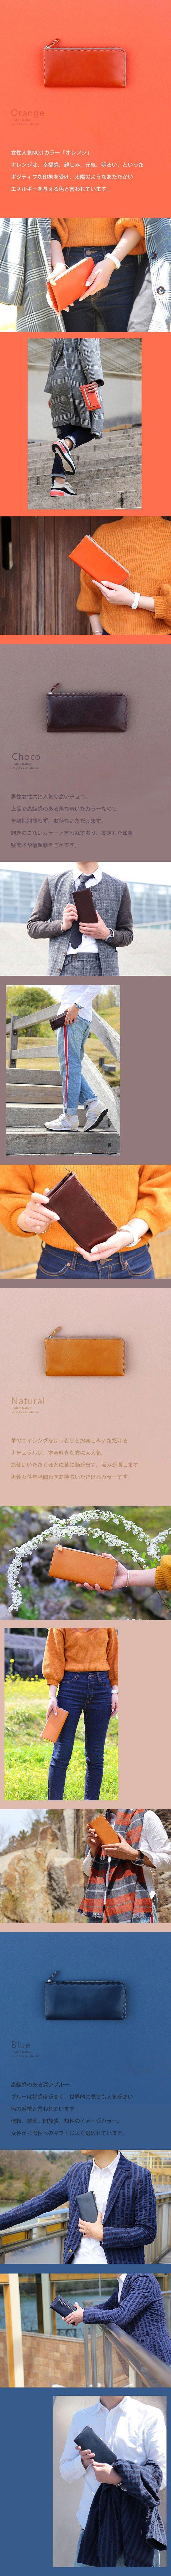 オレンジ、チョコ、ナチュラル、ブルー色の長財布